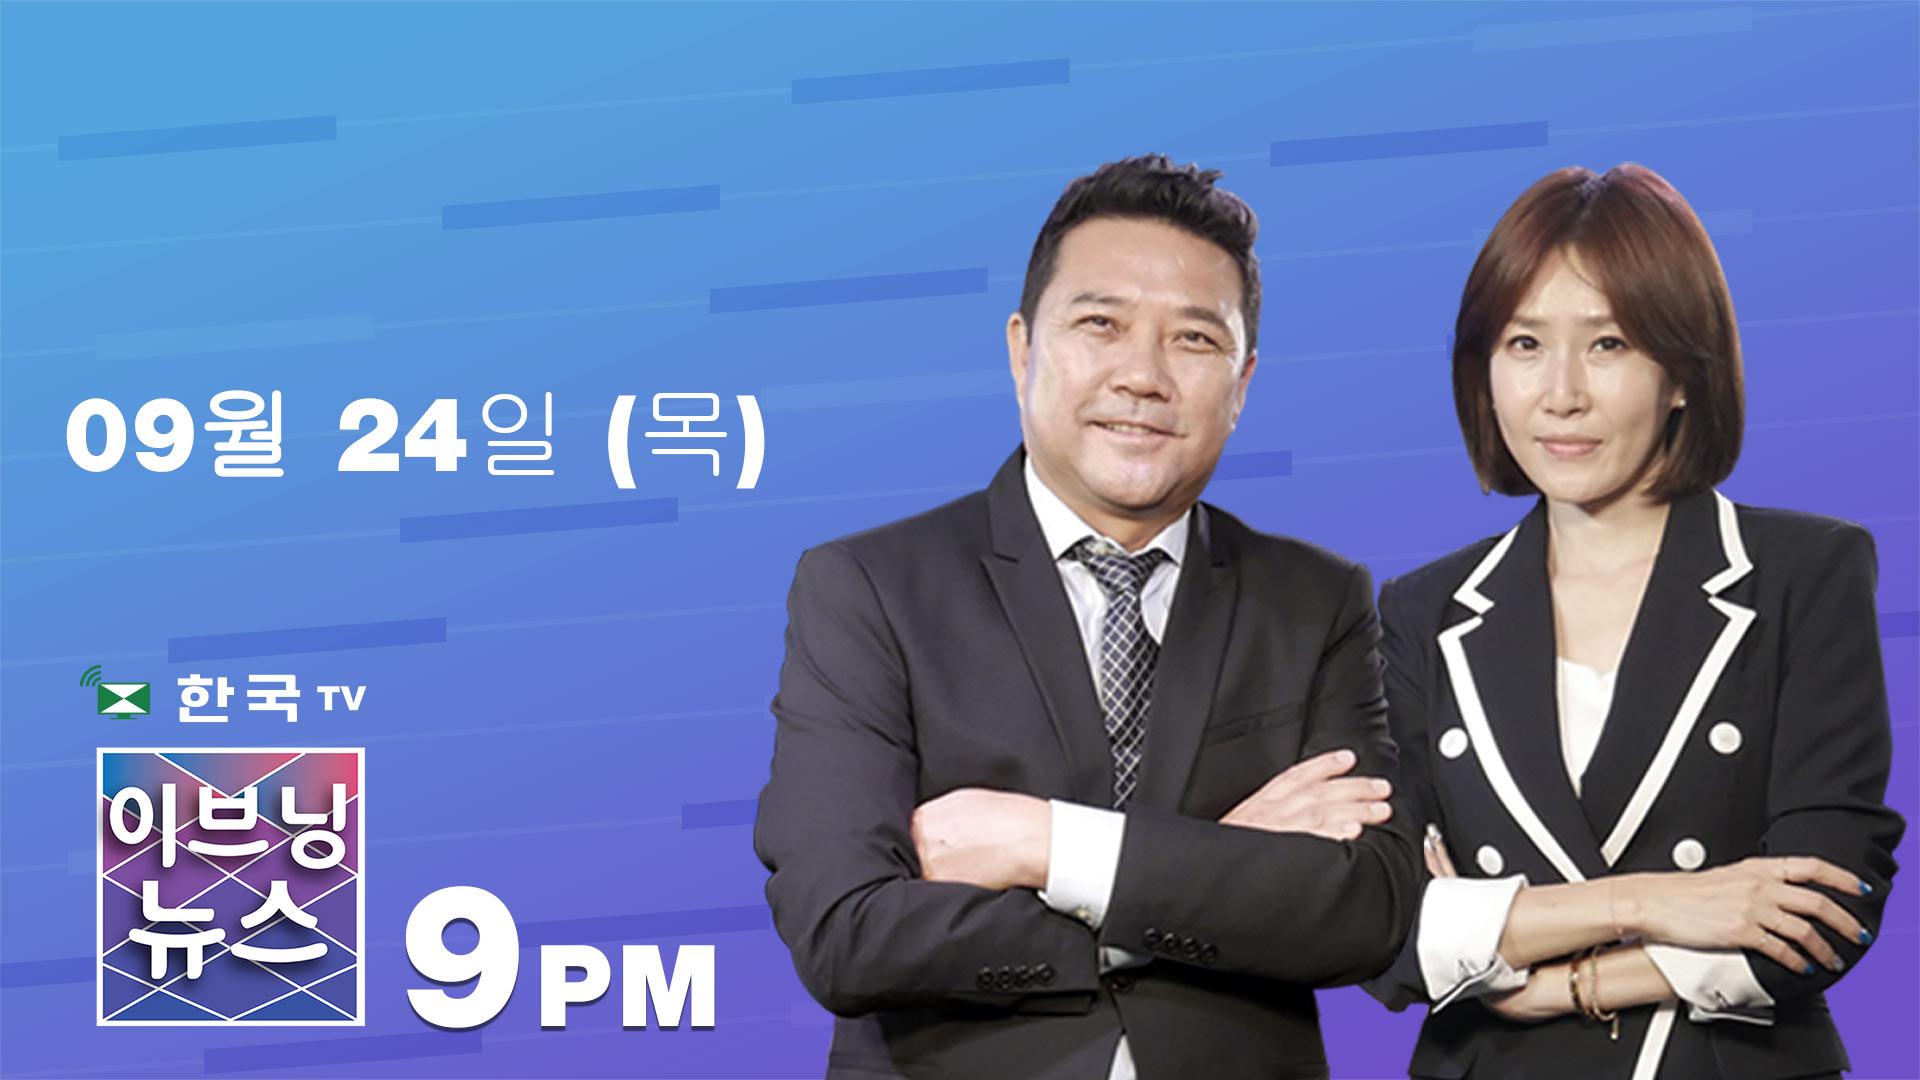 (09.24.2020) 한국TV 이브닝 뉴스